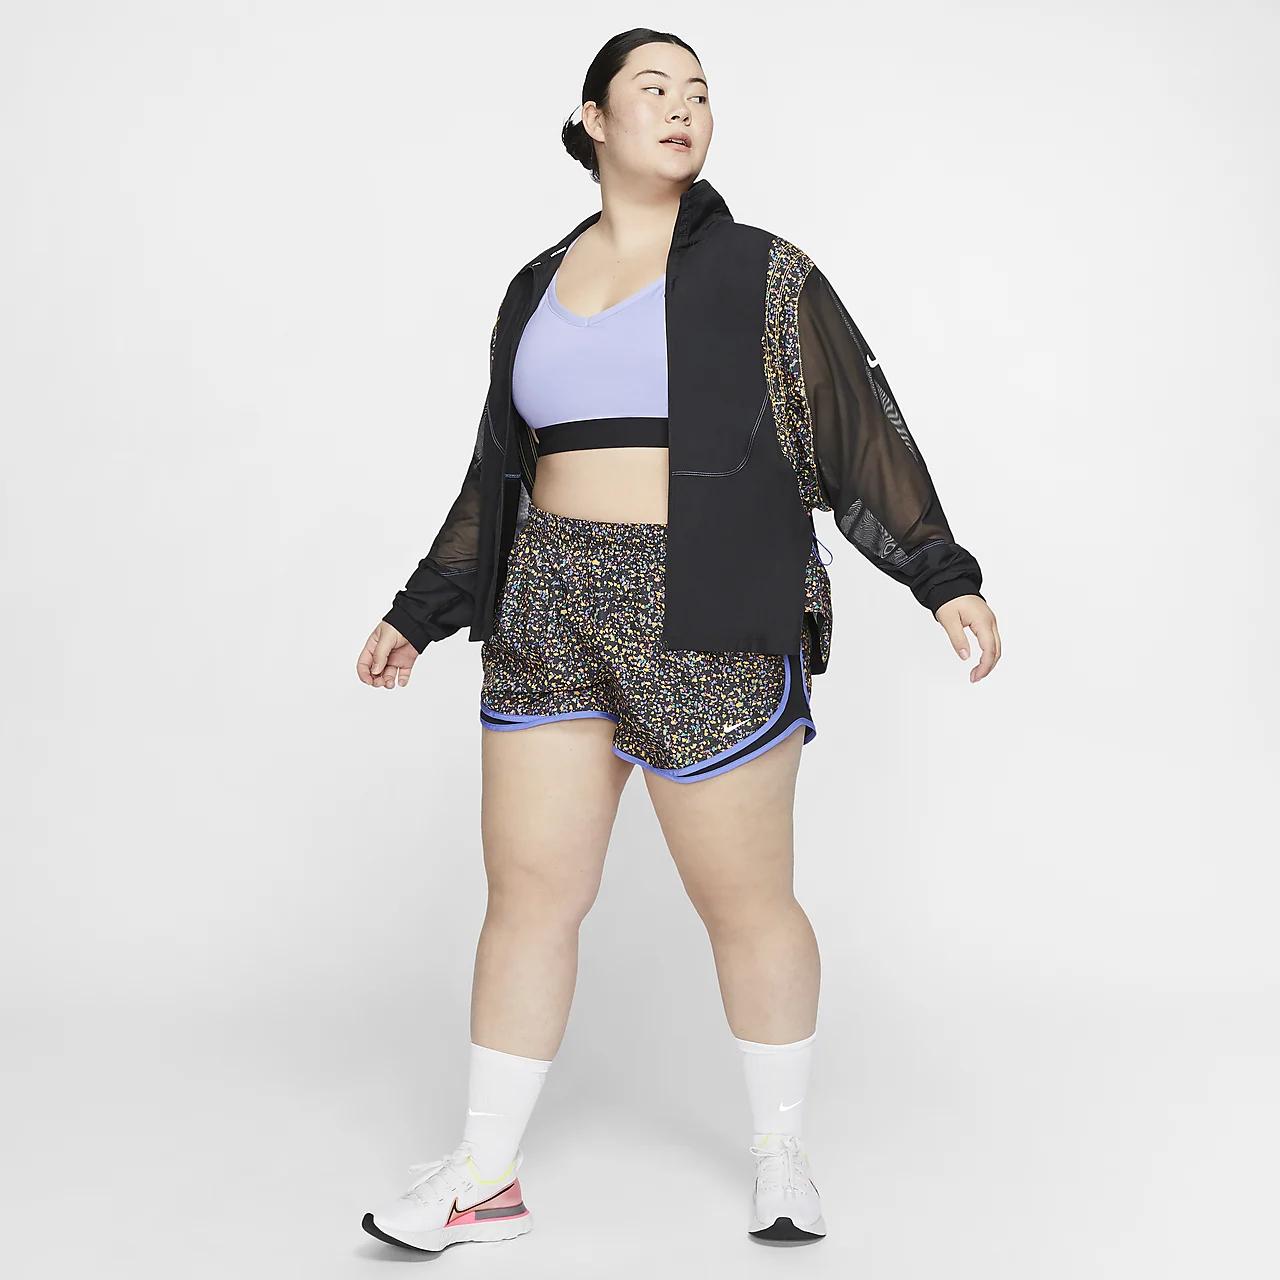 나이키 템포 아이콘 클래쉬 여성 러닝 반바지(플러스 사이즈) CU8418-845